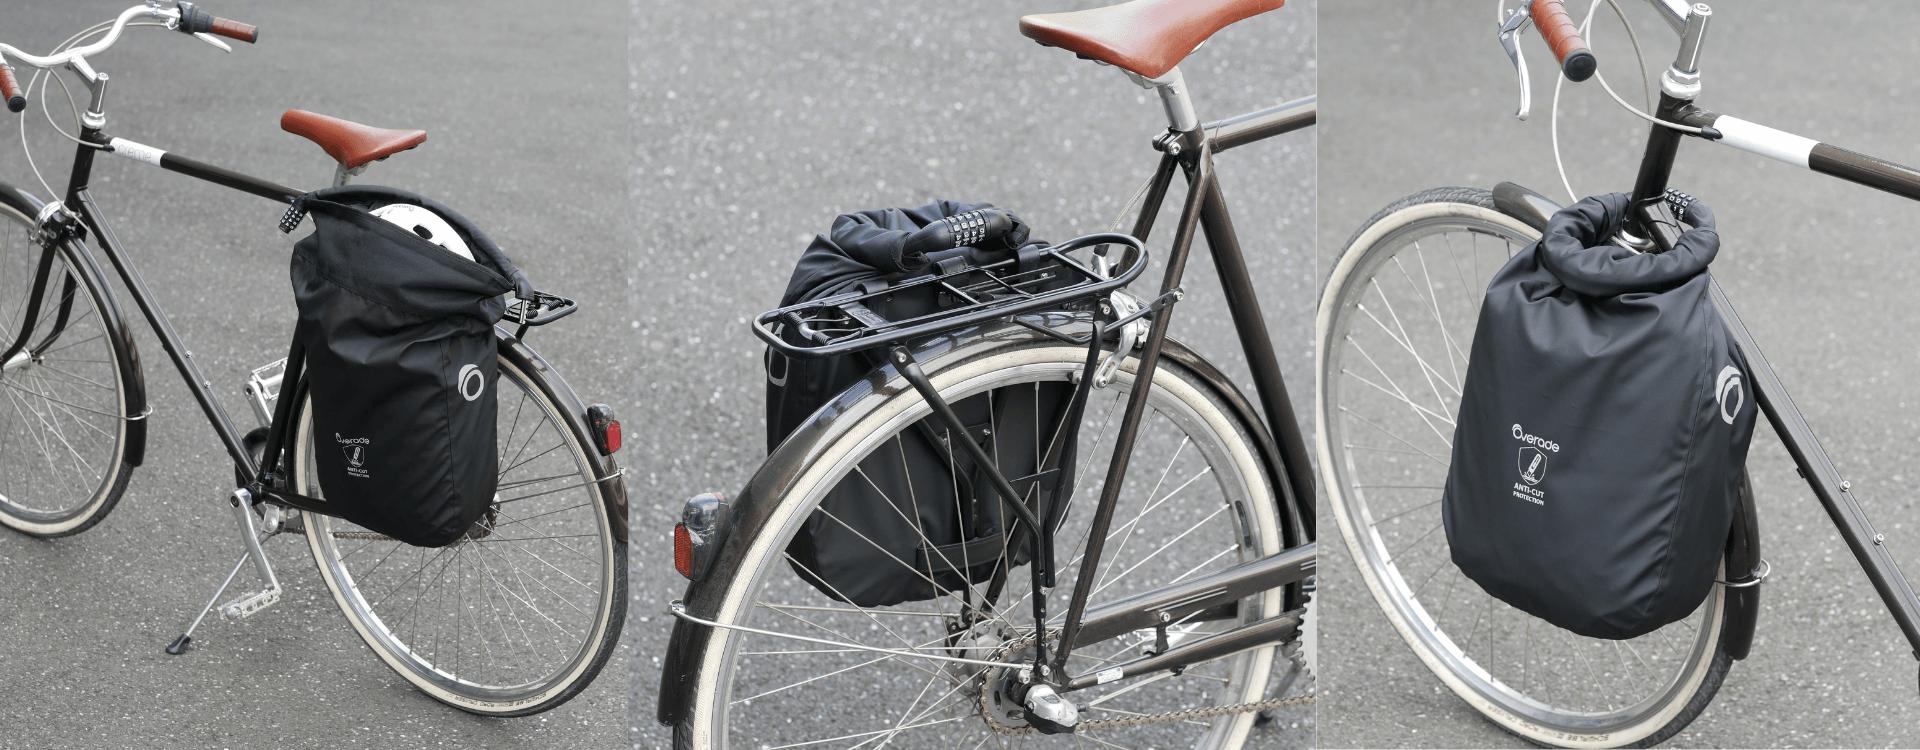 Loxi 15L : la sacoche sécurisée pour vélo